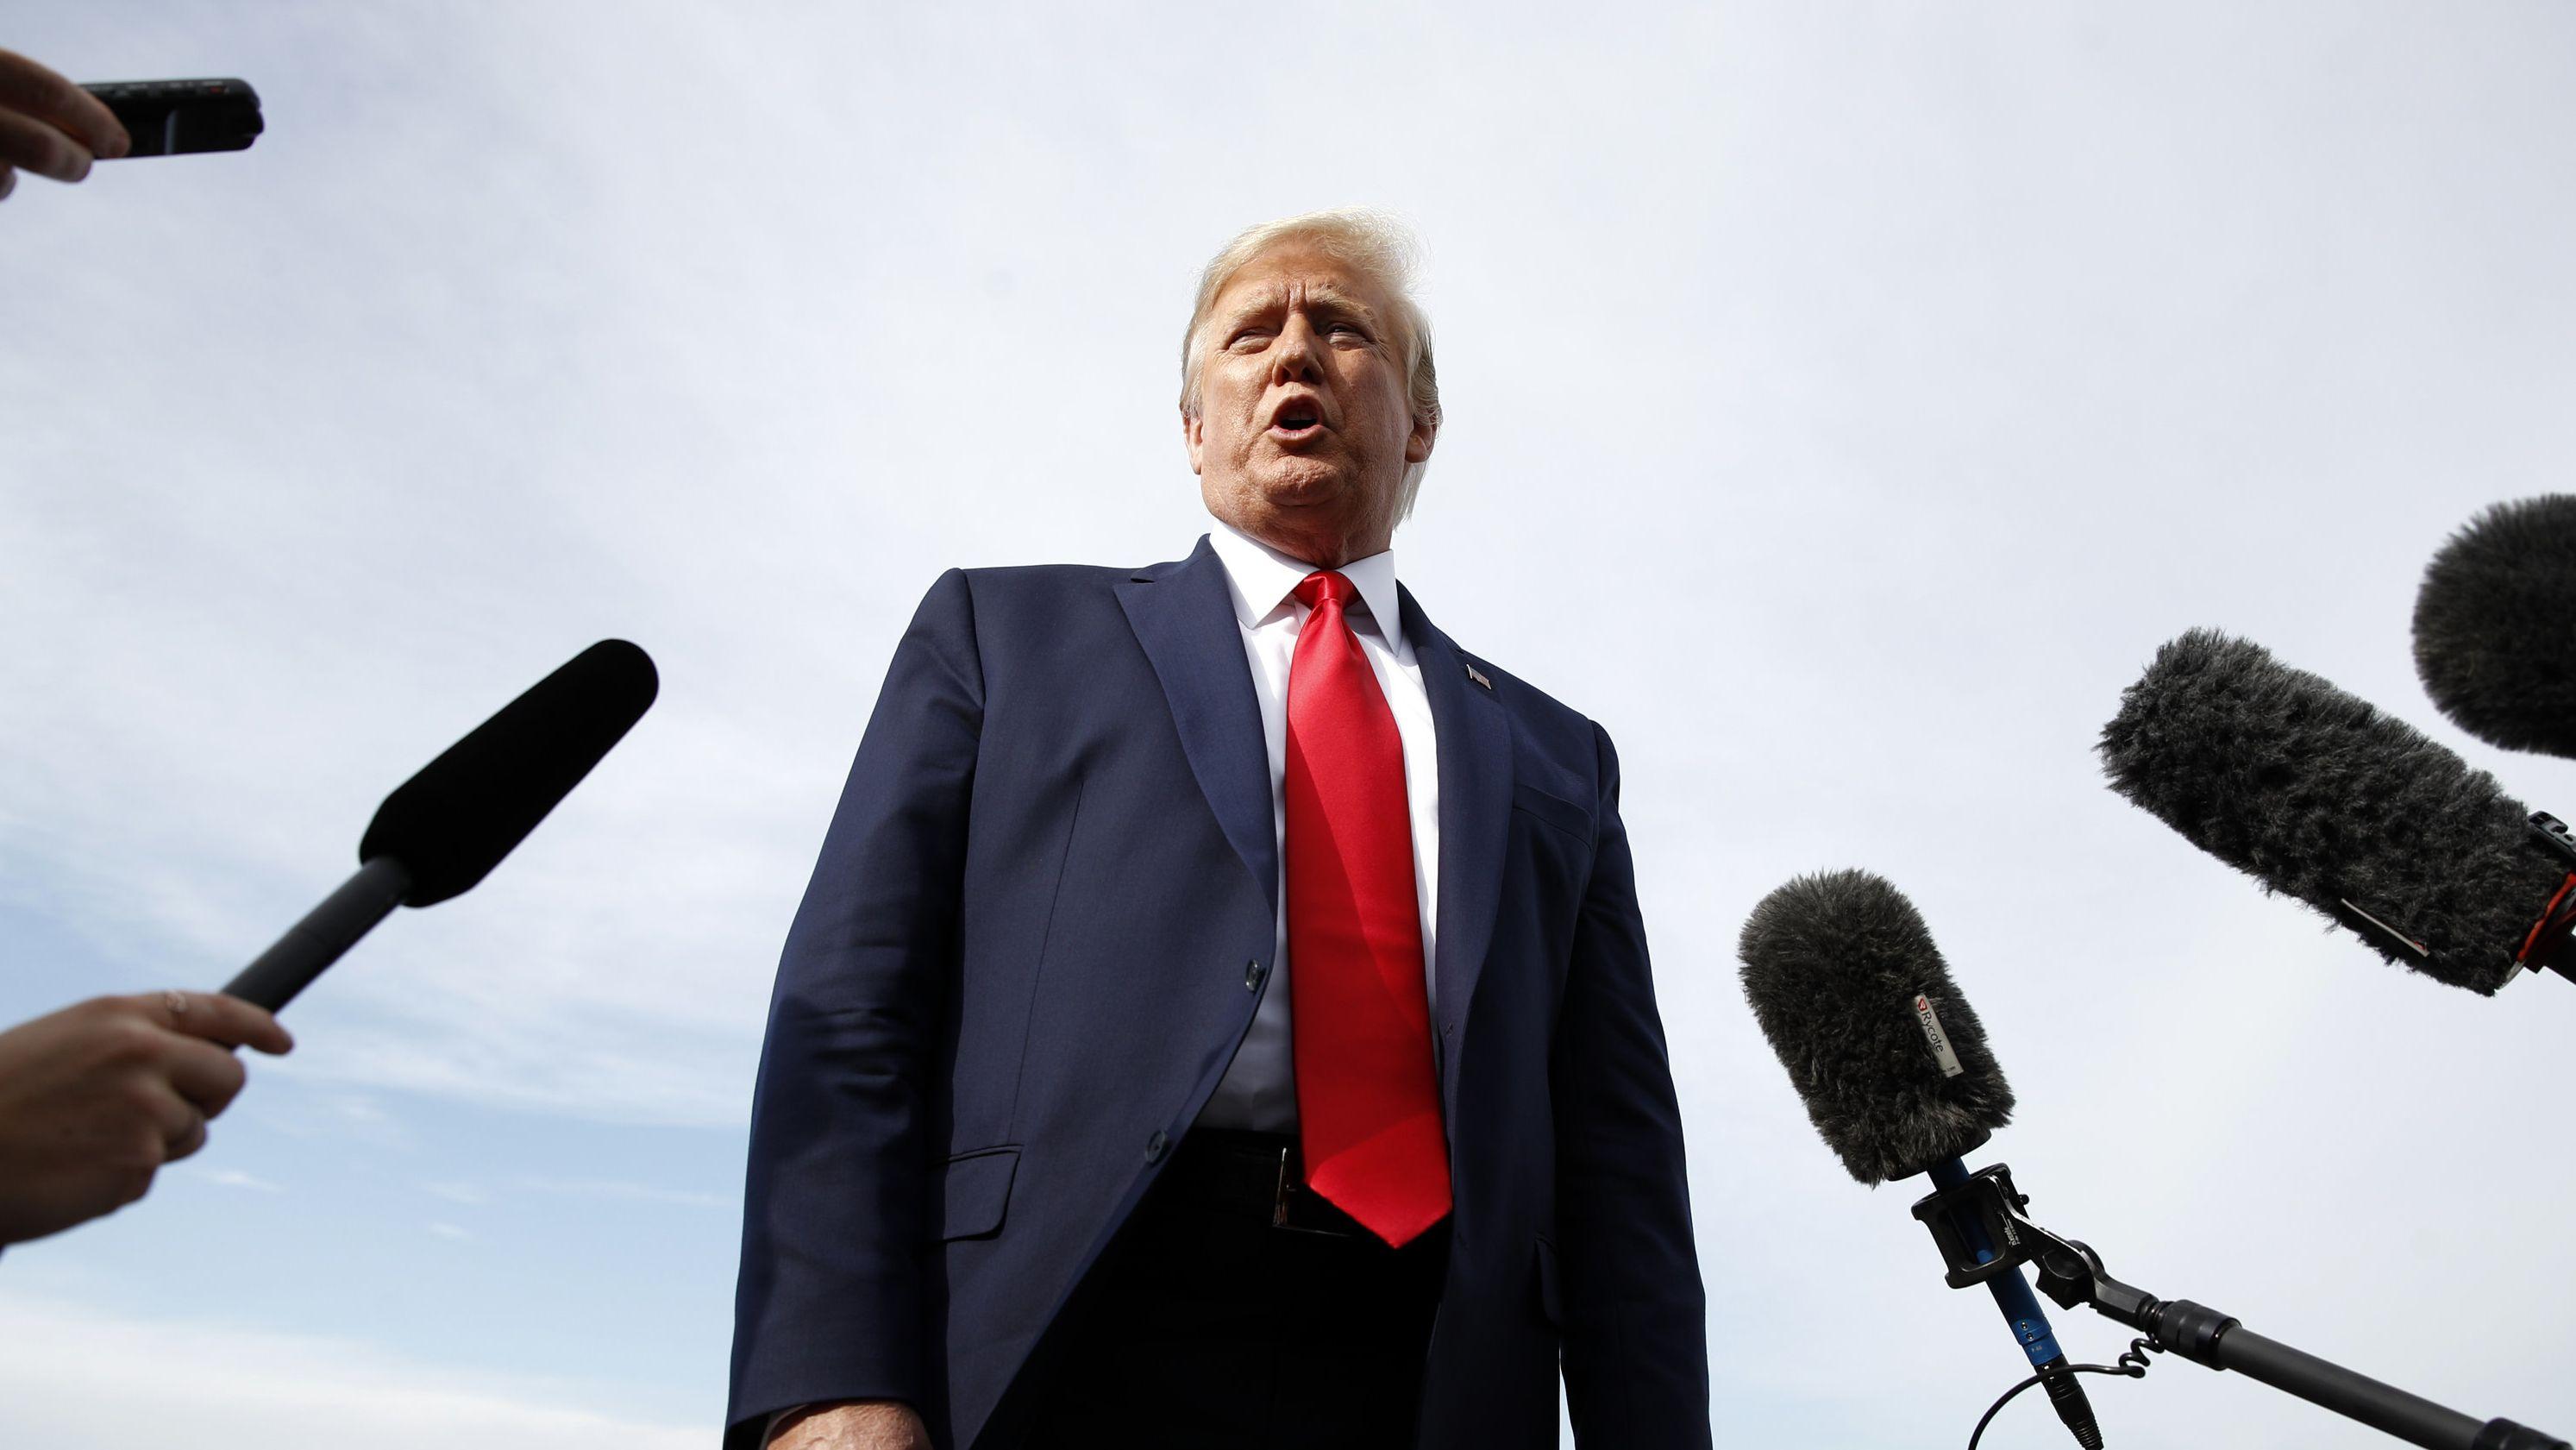 USA, Morristown: Donald Trump, Präsident der USA, spricht mit Journalisten, bevor er in die Air Force One steigt. Trump ist auf dem Weg zu einer Wahlkampfveranstaltung in Manchester.